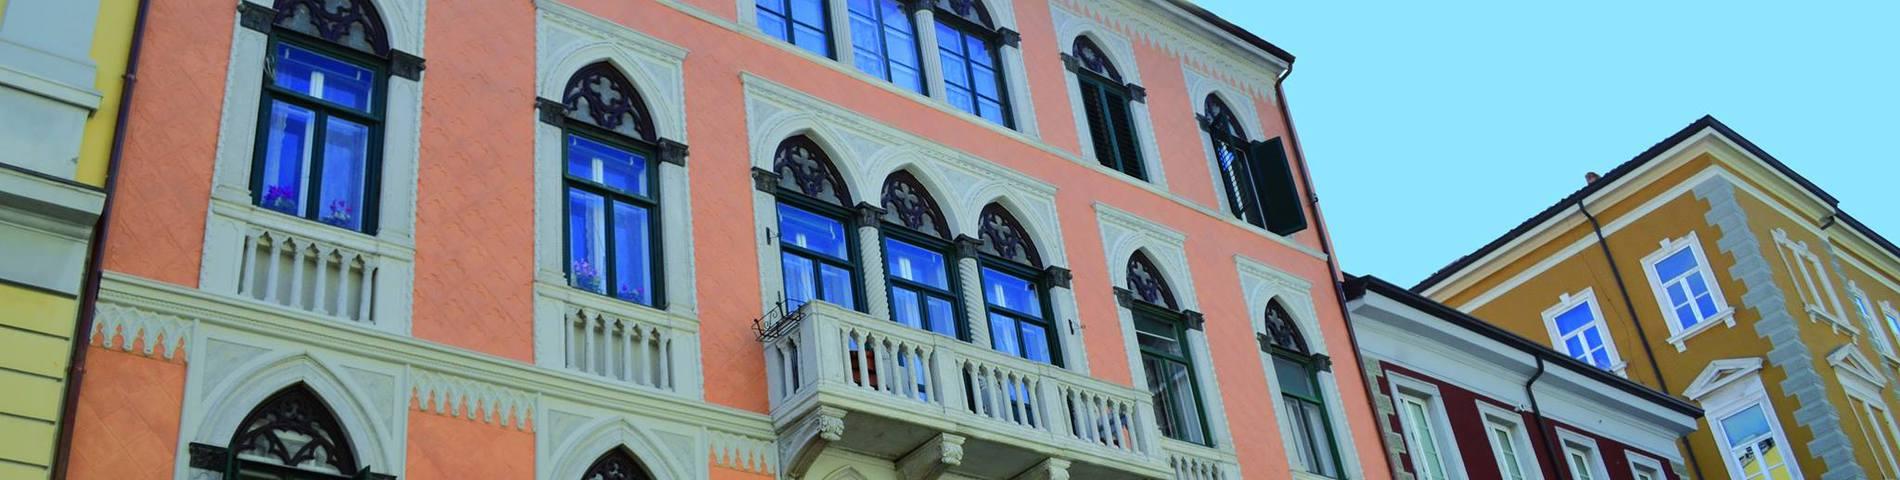 Piccola Università Italiana - Le Venezie foto 1